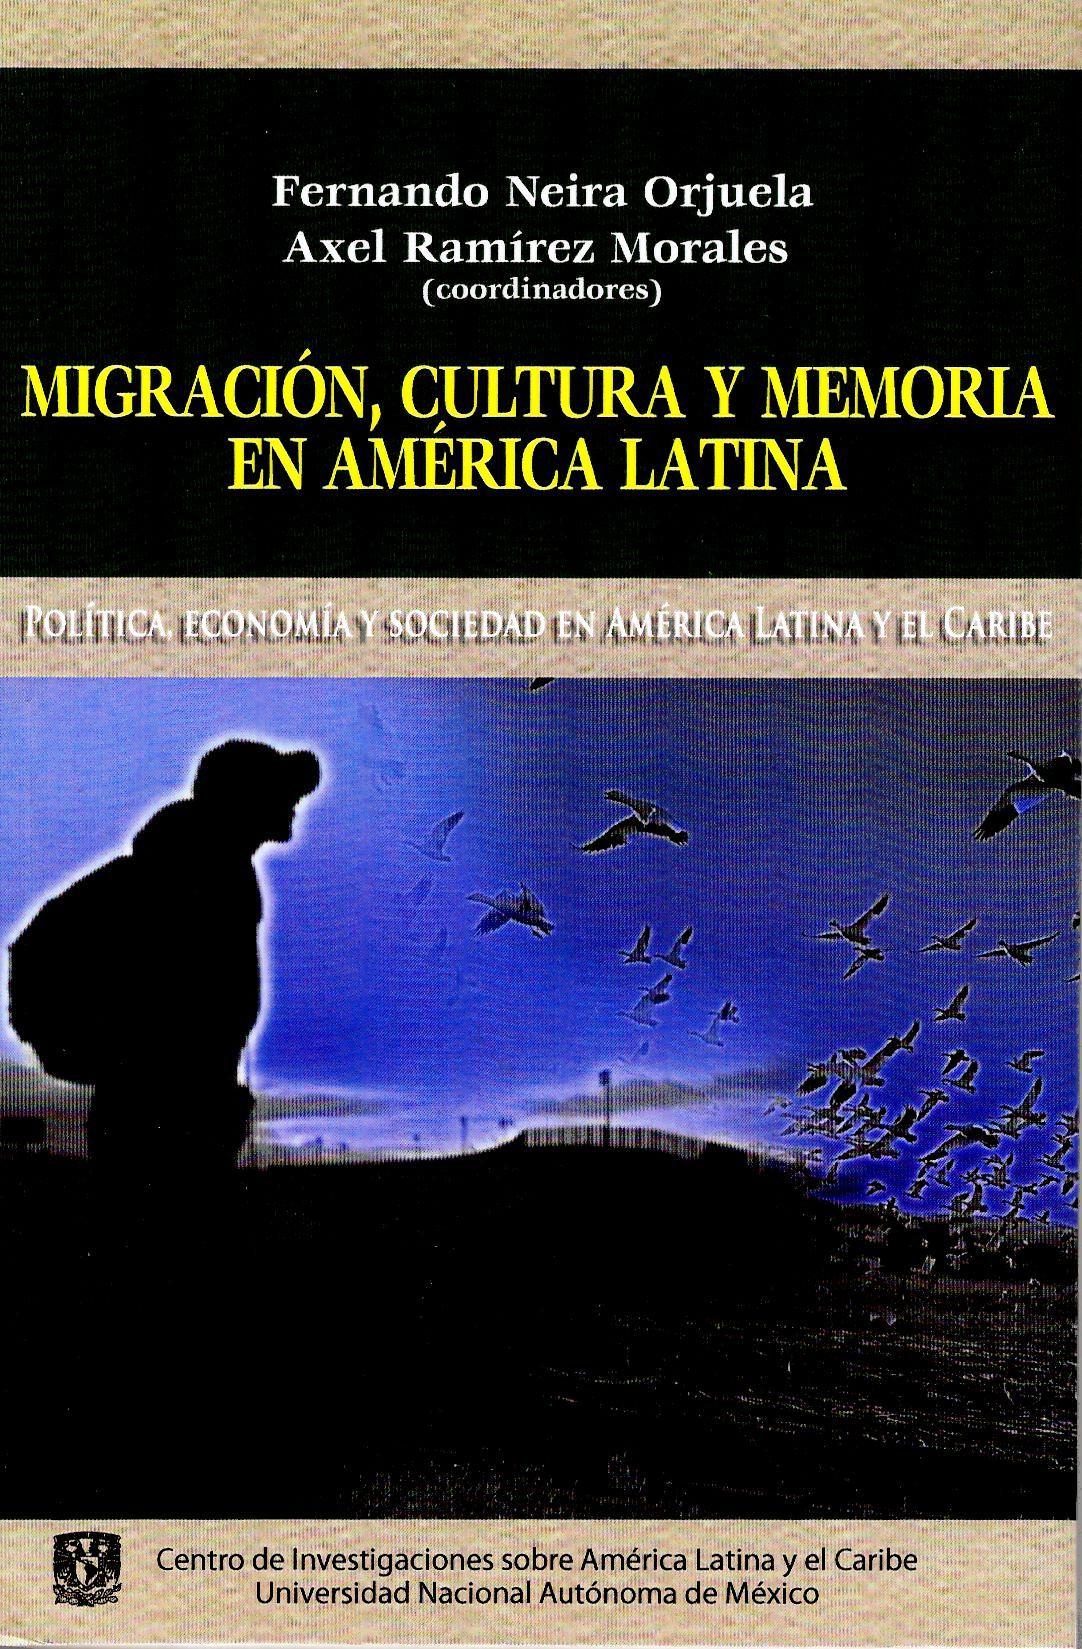 Migración, cultura y memoria en América Latina